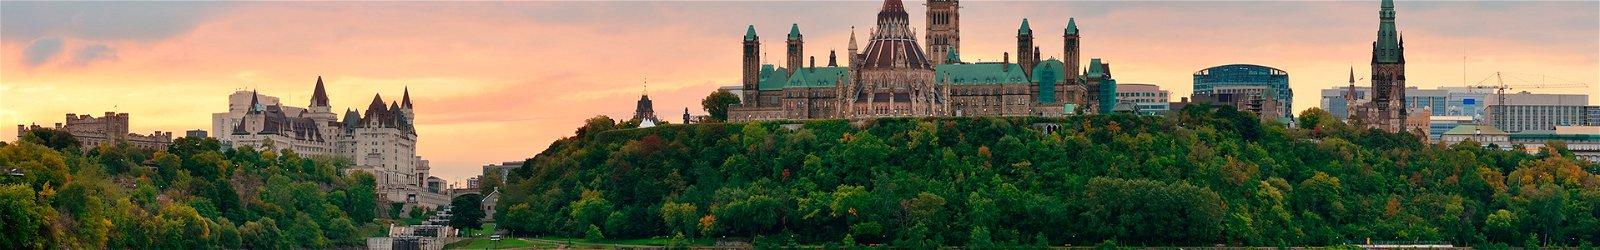 Viajes especiales a Canadá desde México 2021